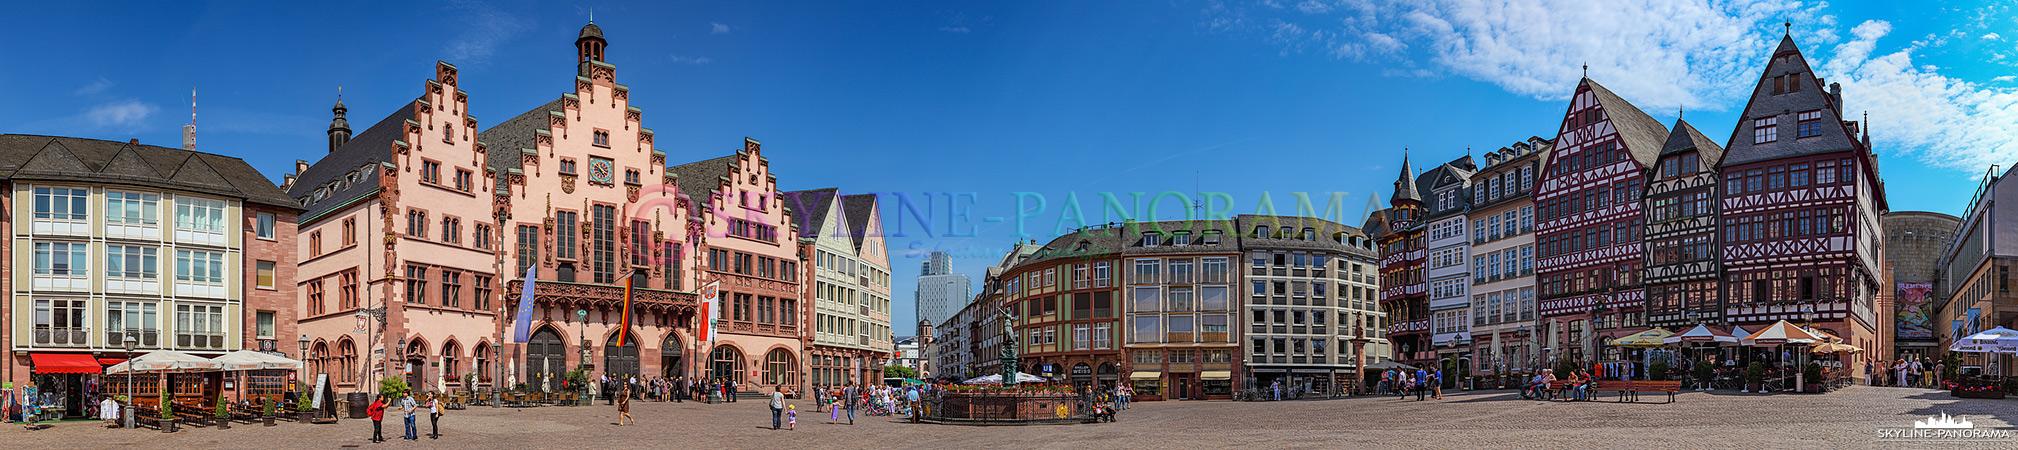 Frankfurt Bilder am Tag - Der historische Frankfurter Römerberg mit dem als Römer bezeichneten Rathaus gehören zu den bekanntesten Sehenswürdigkeiten der Mainmetropole.